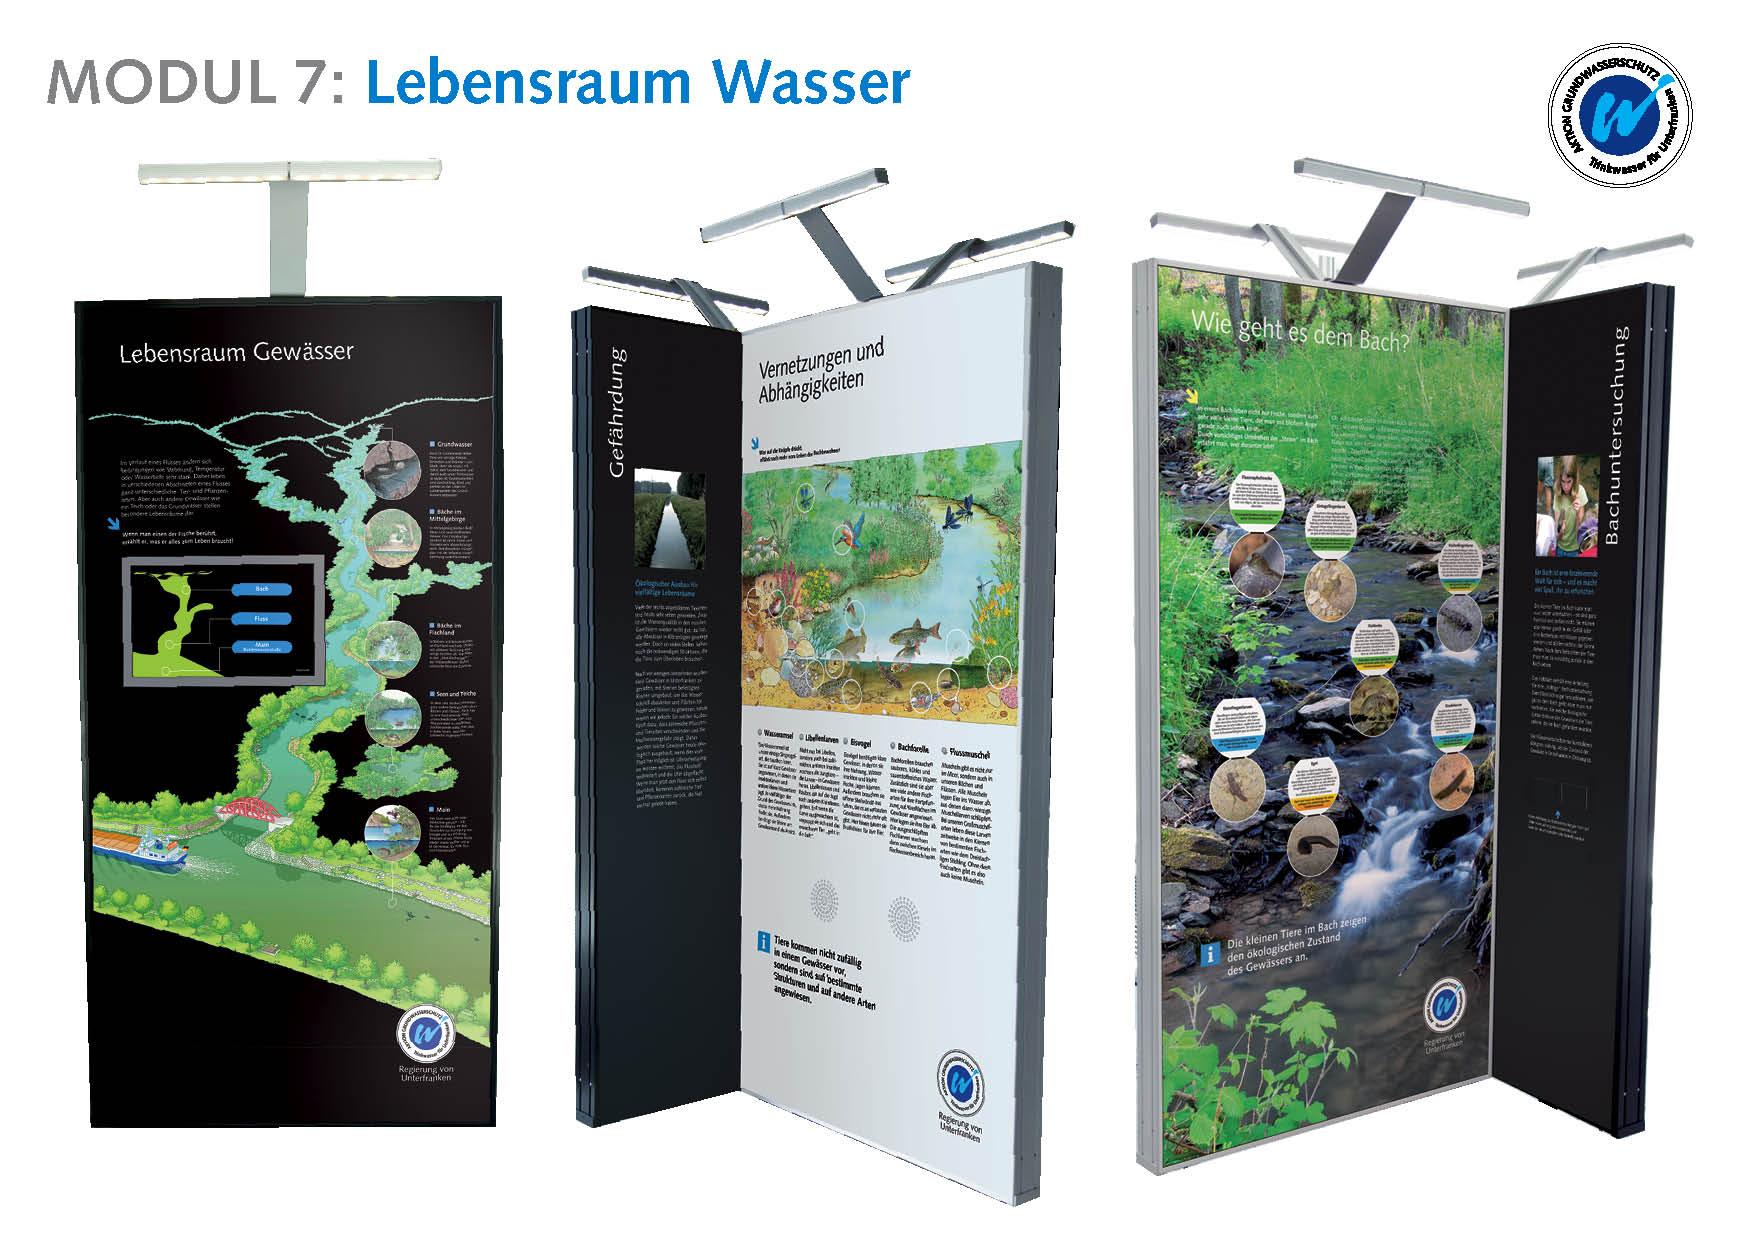 Modul 7 der interaktiven Wanderausstellung